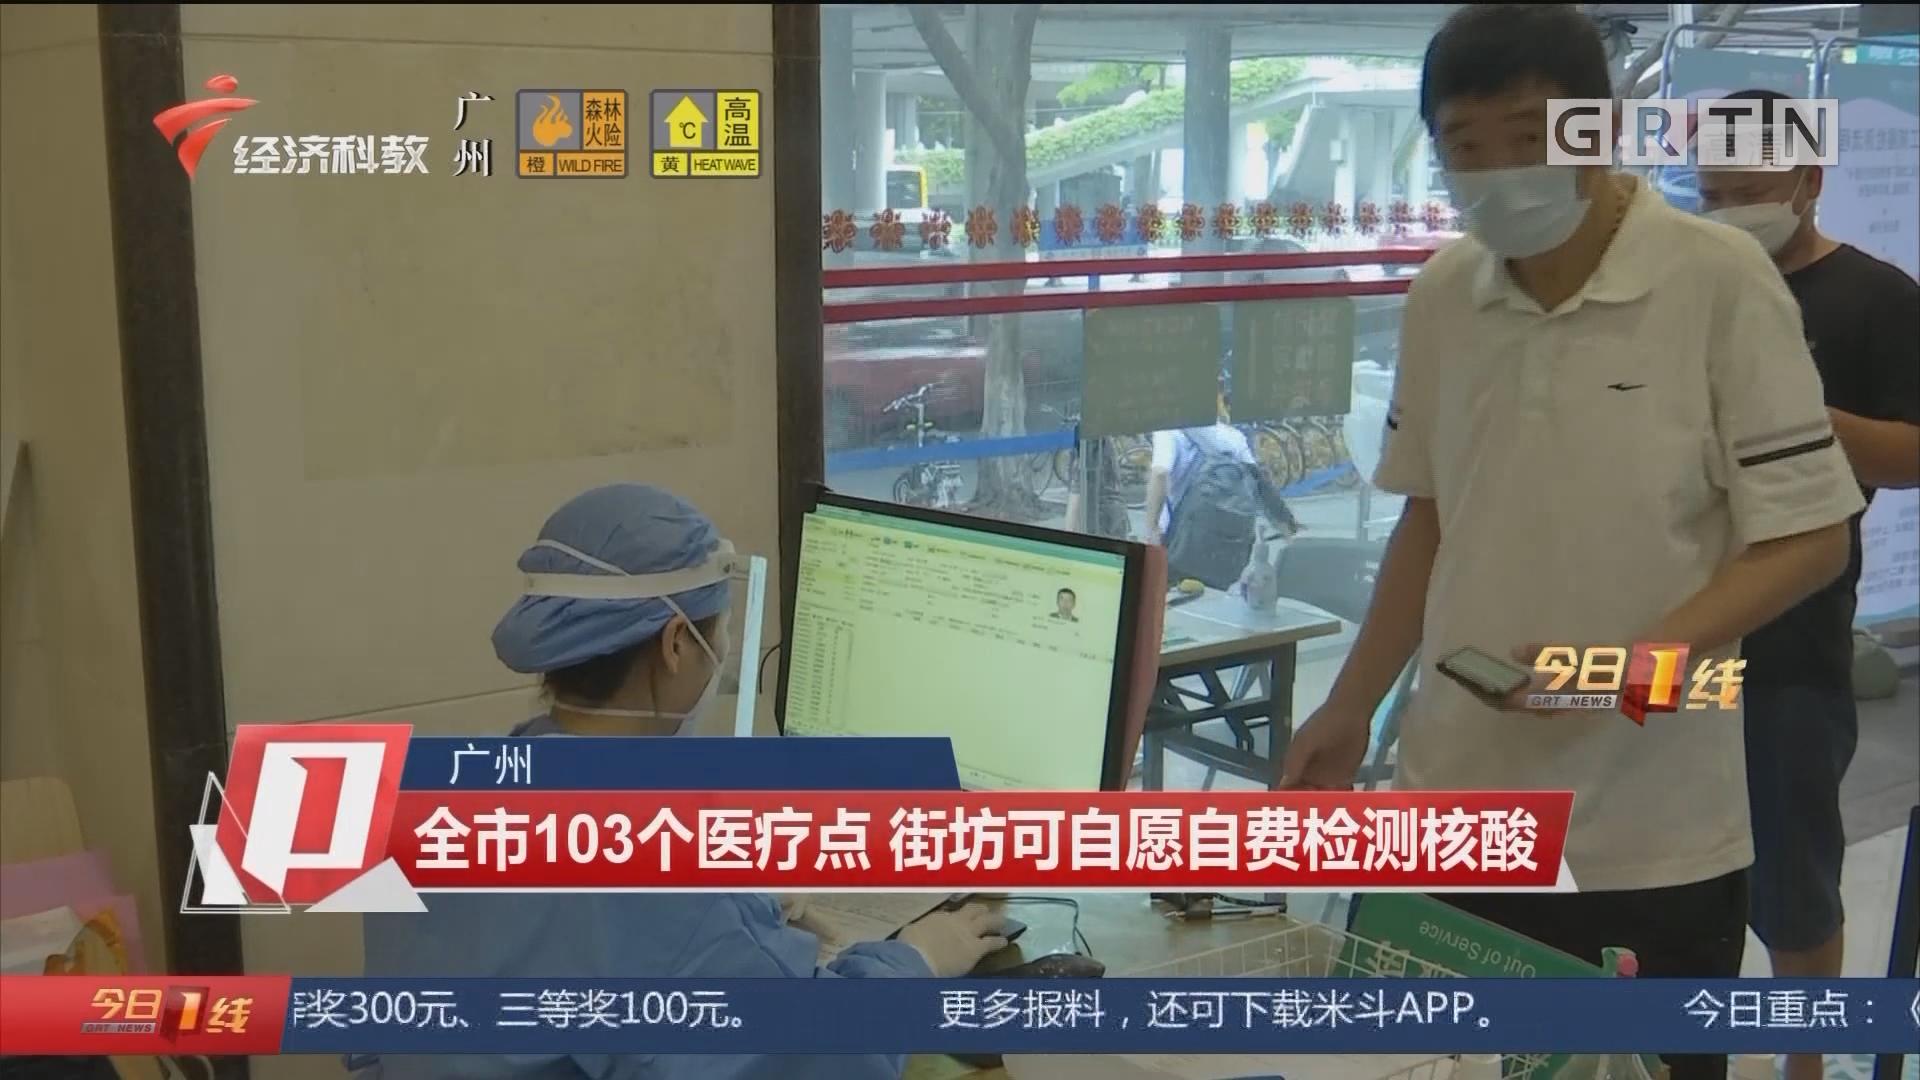 廣州 全市103個醫療點 街坊可自愿自費檢測核酸